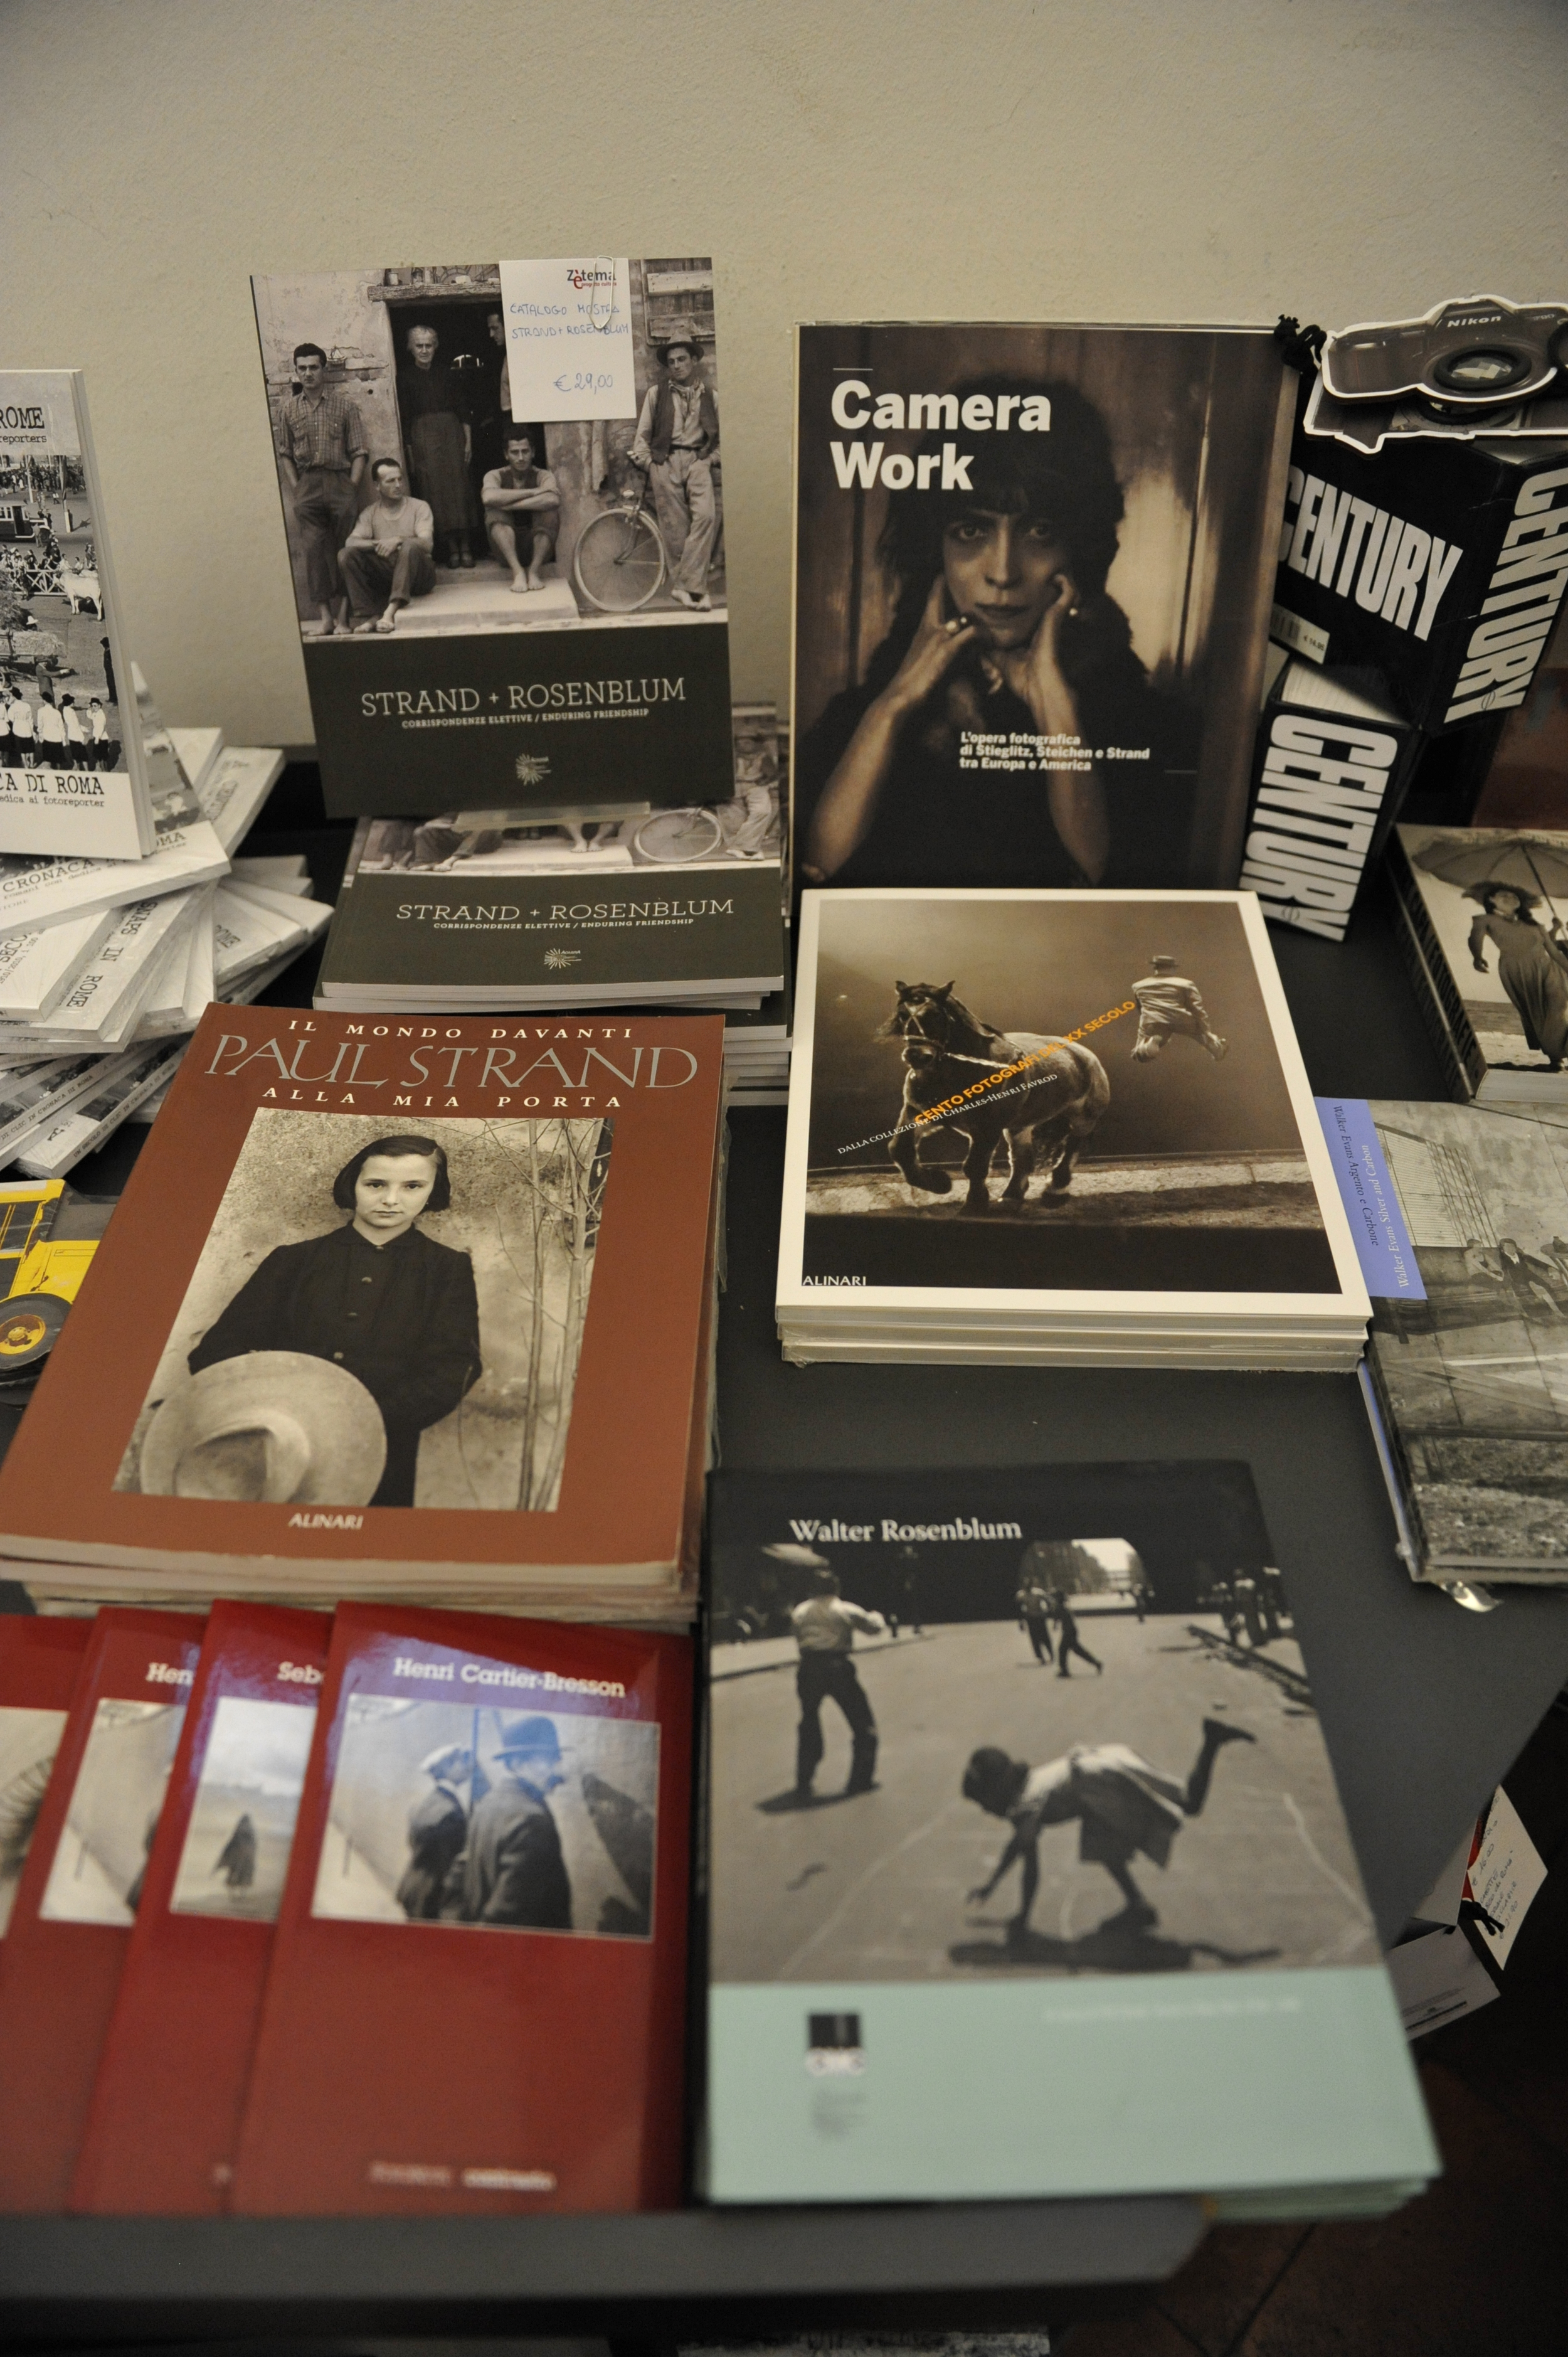 Books on Strand + Rosenblum